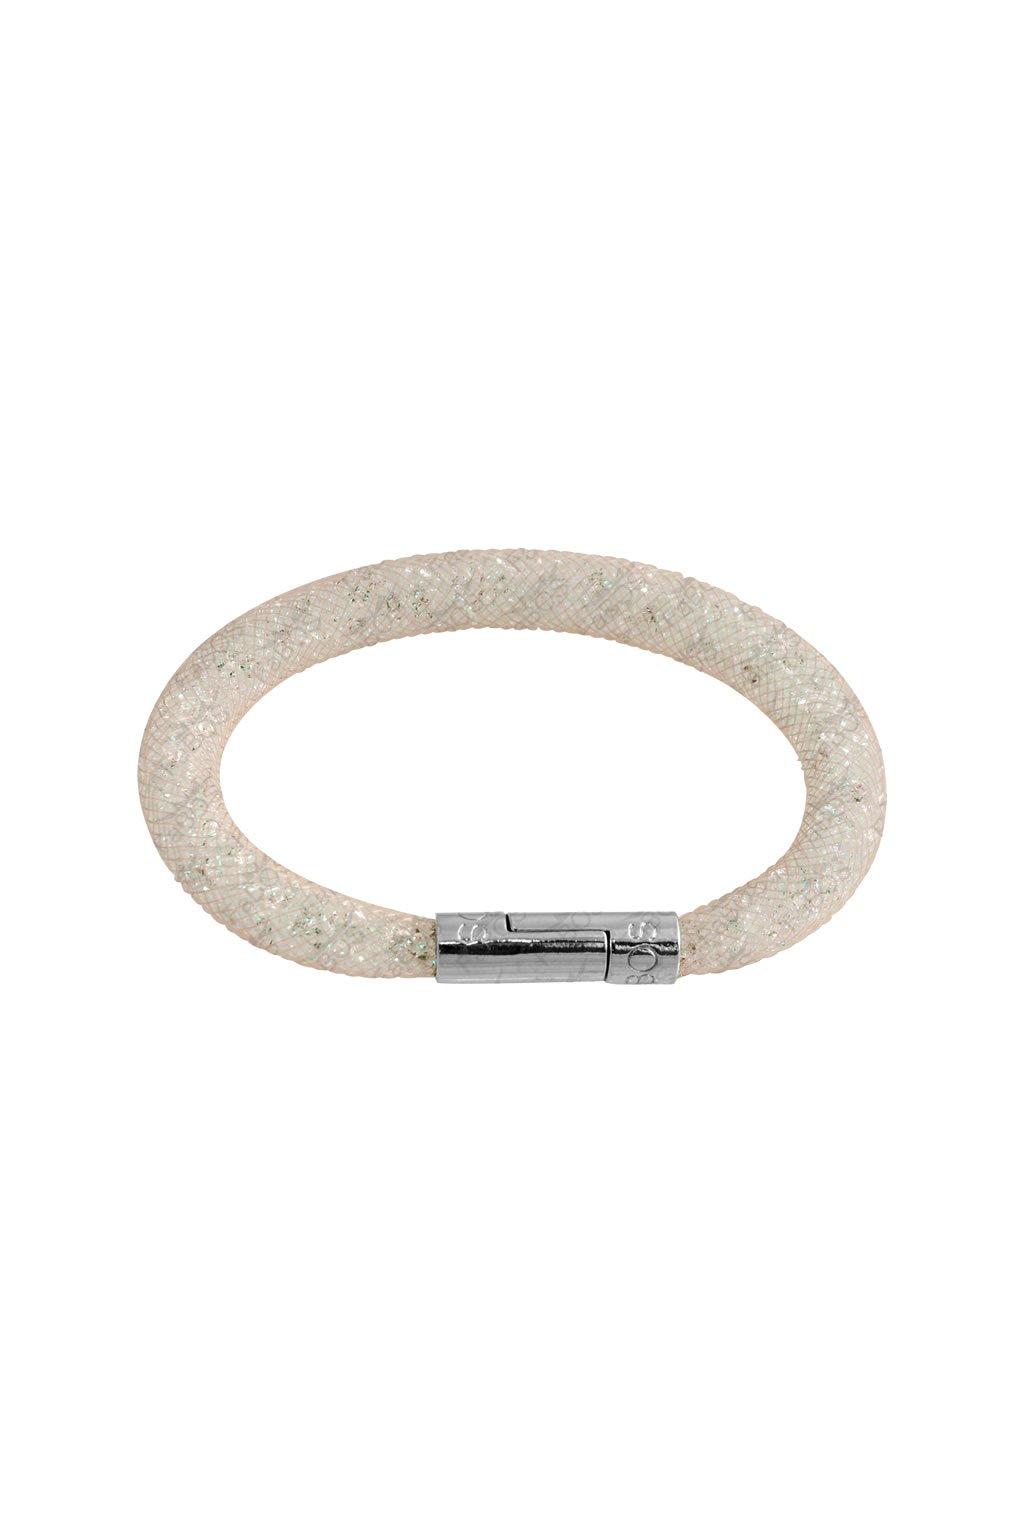 Náramek Crystal Tube 19 cm meruňková Swarovski